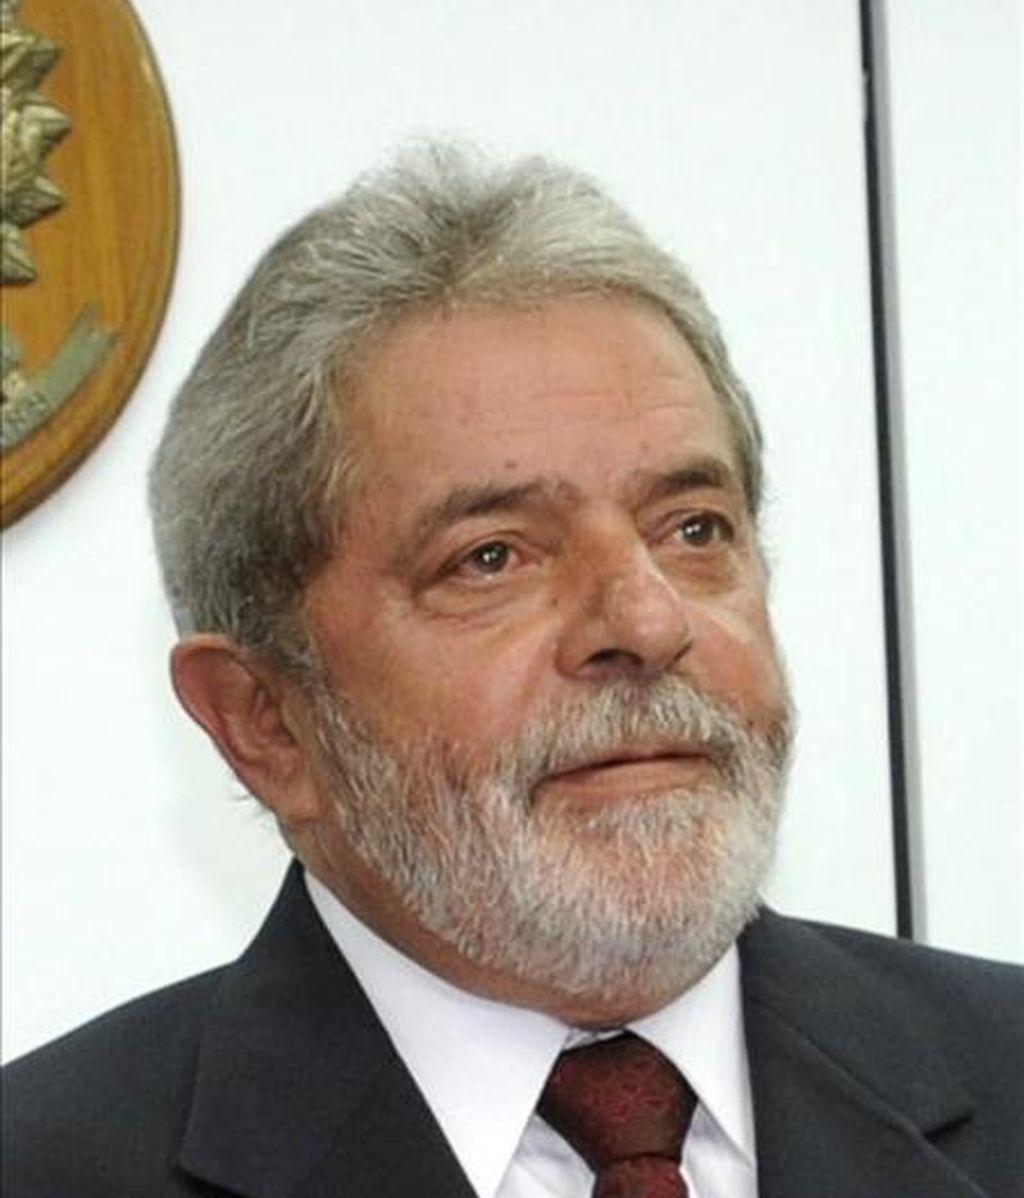 En la imagen, el presidente brasileño, Luiz Inácio Lula da Silva. EFE/Archivo